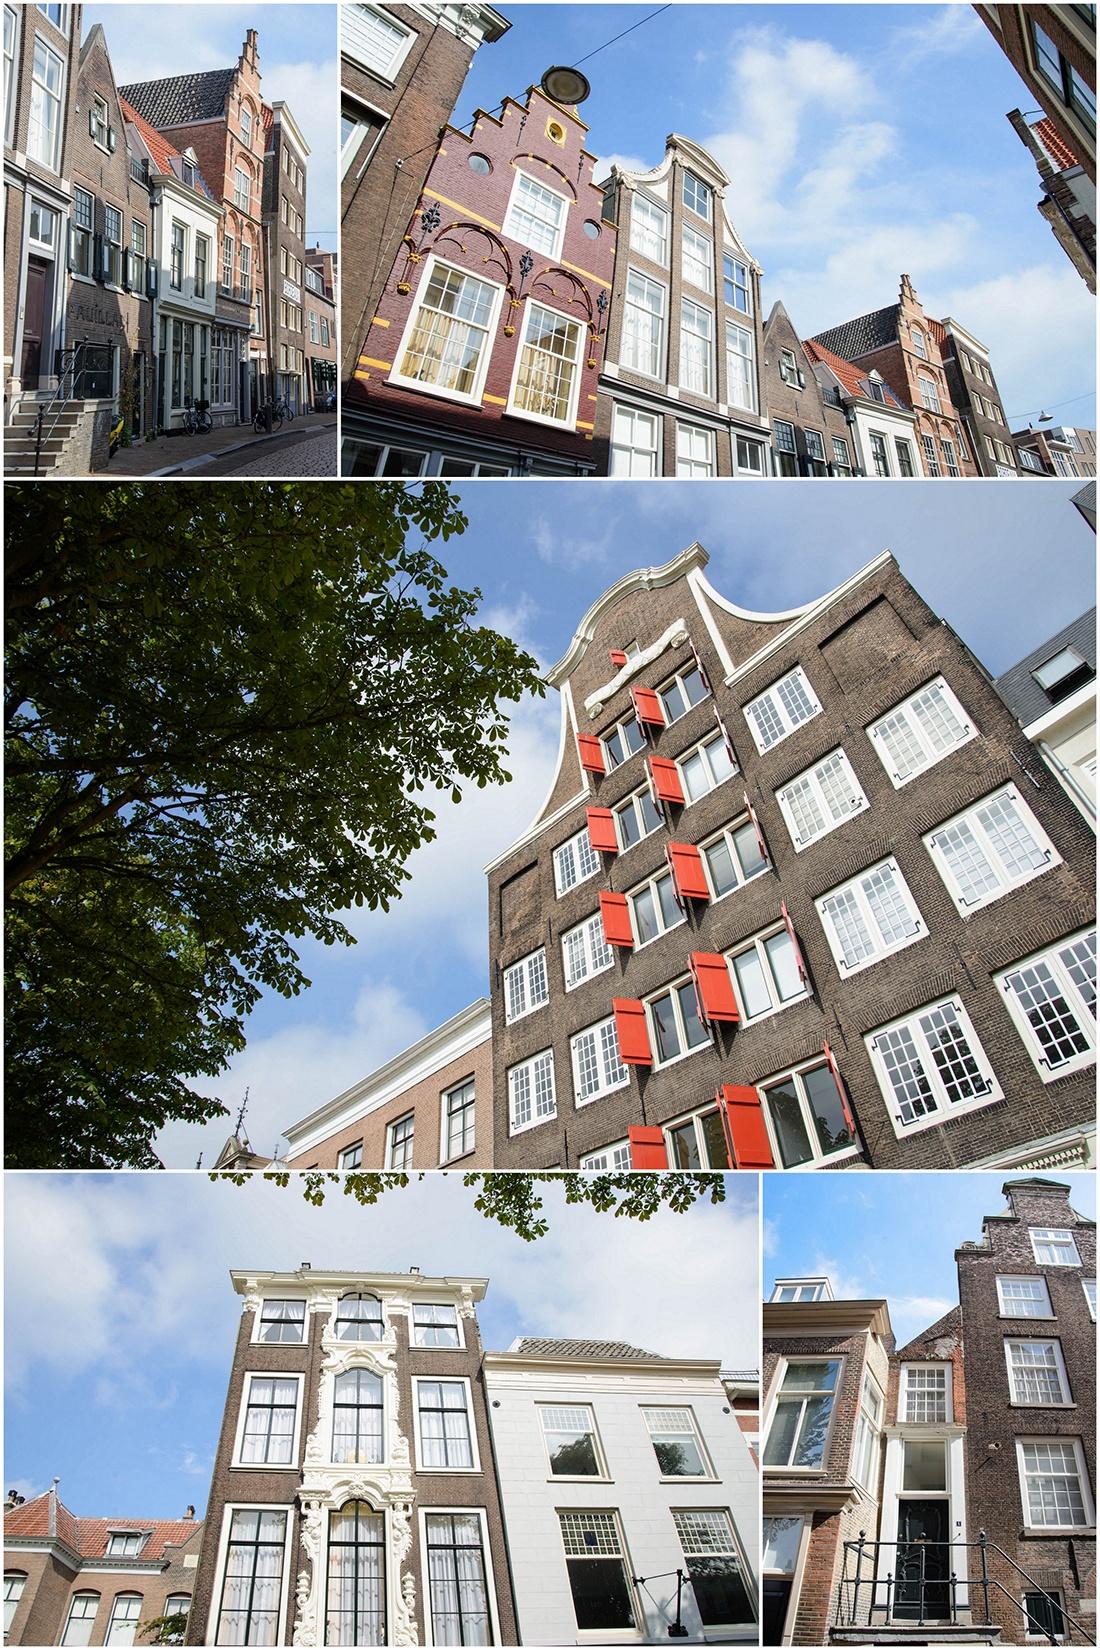 rue Wijnstraat, dordrecht